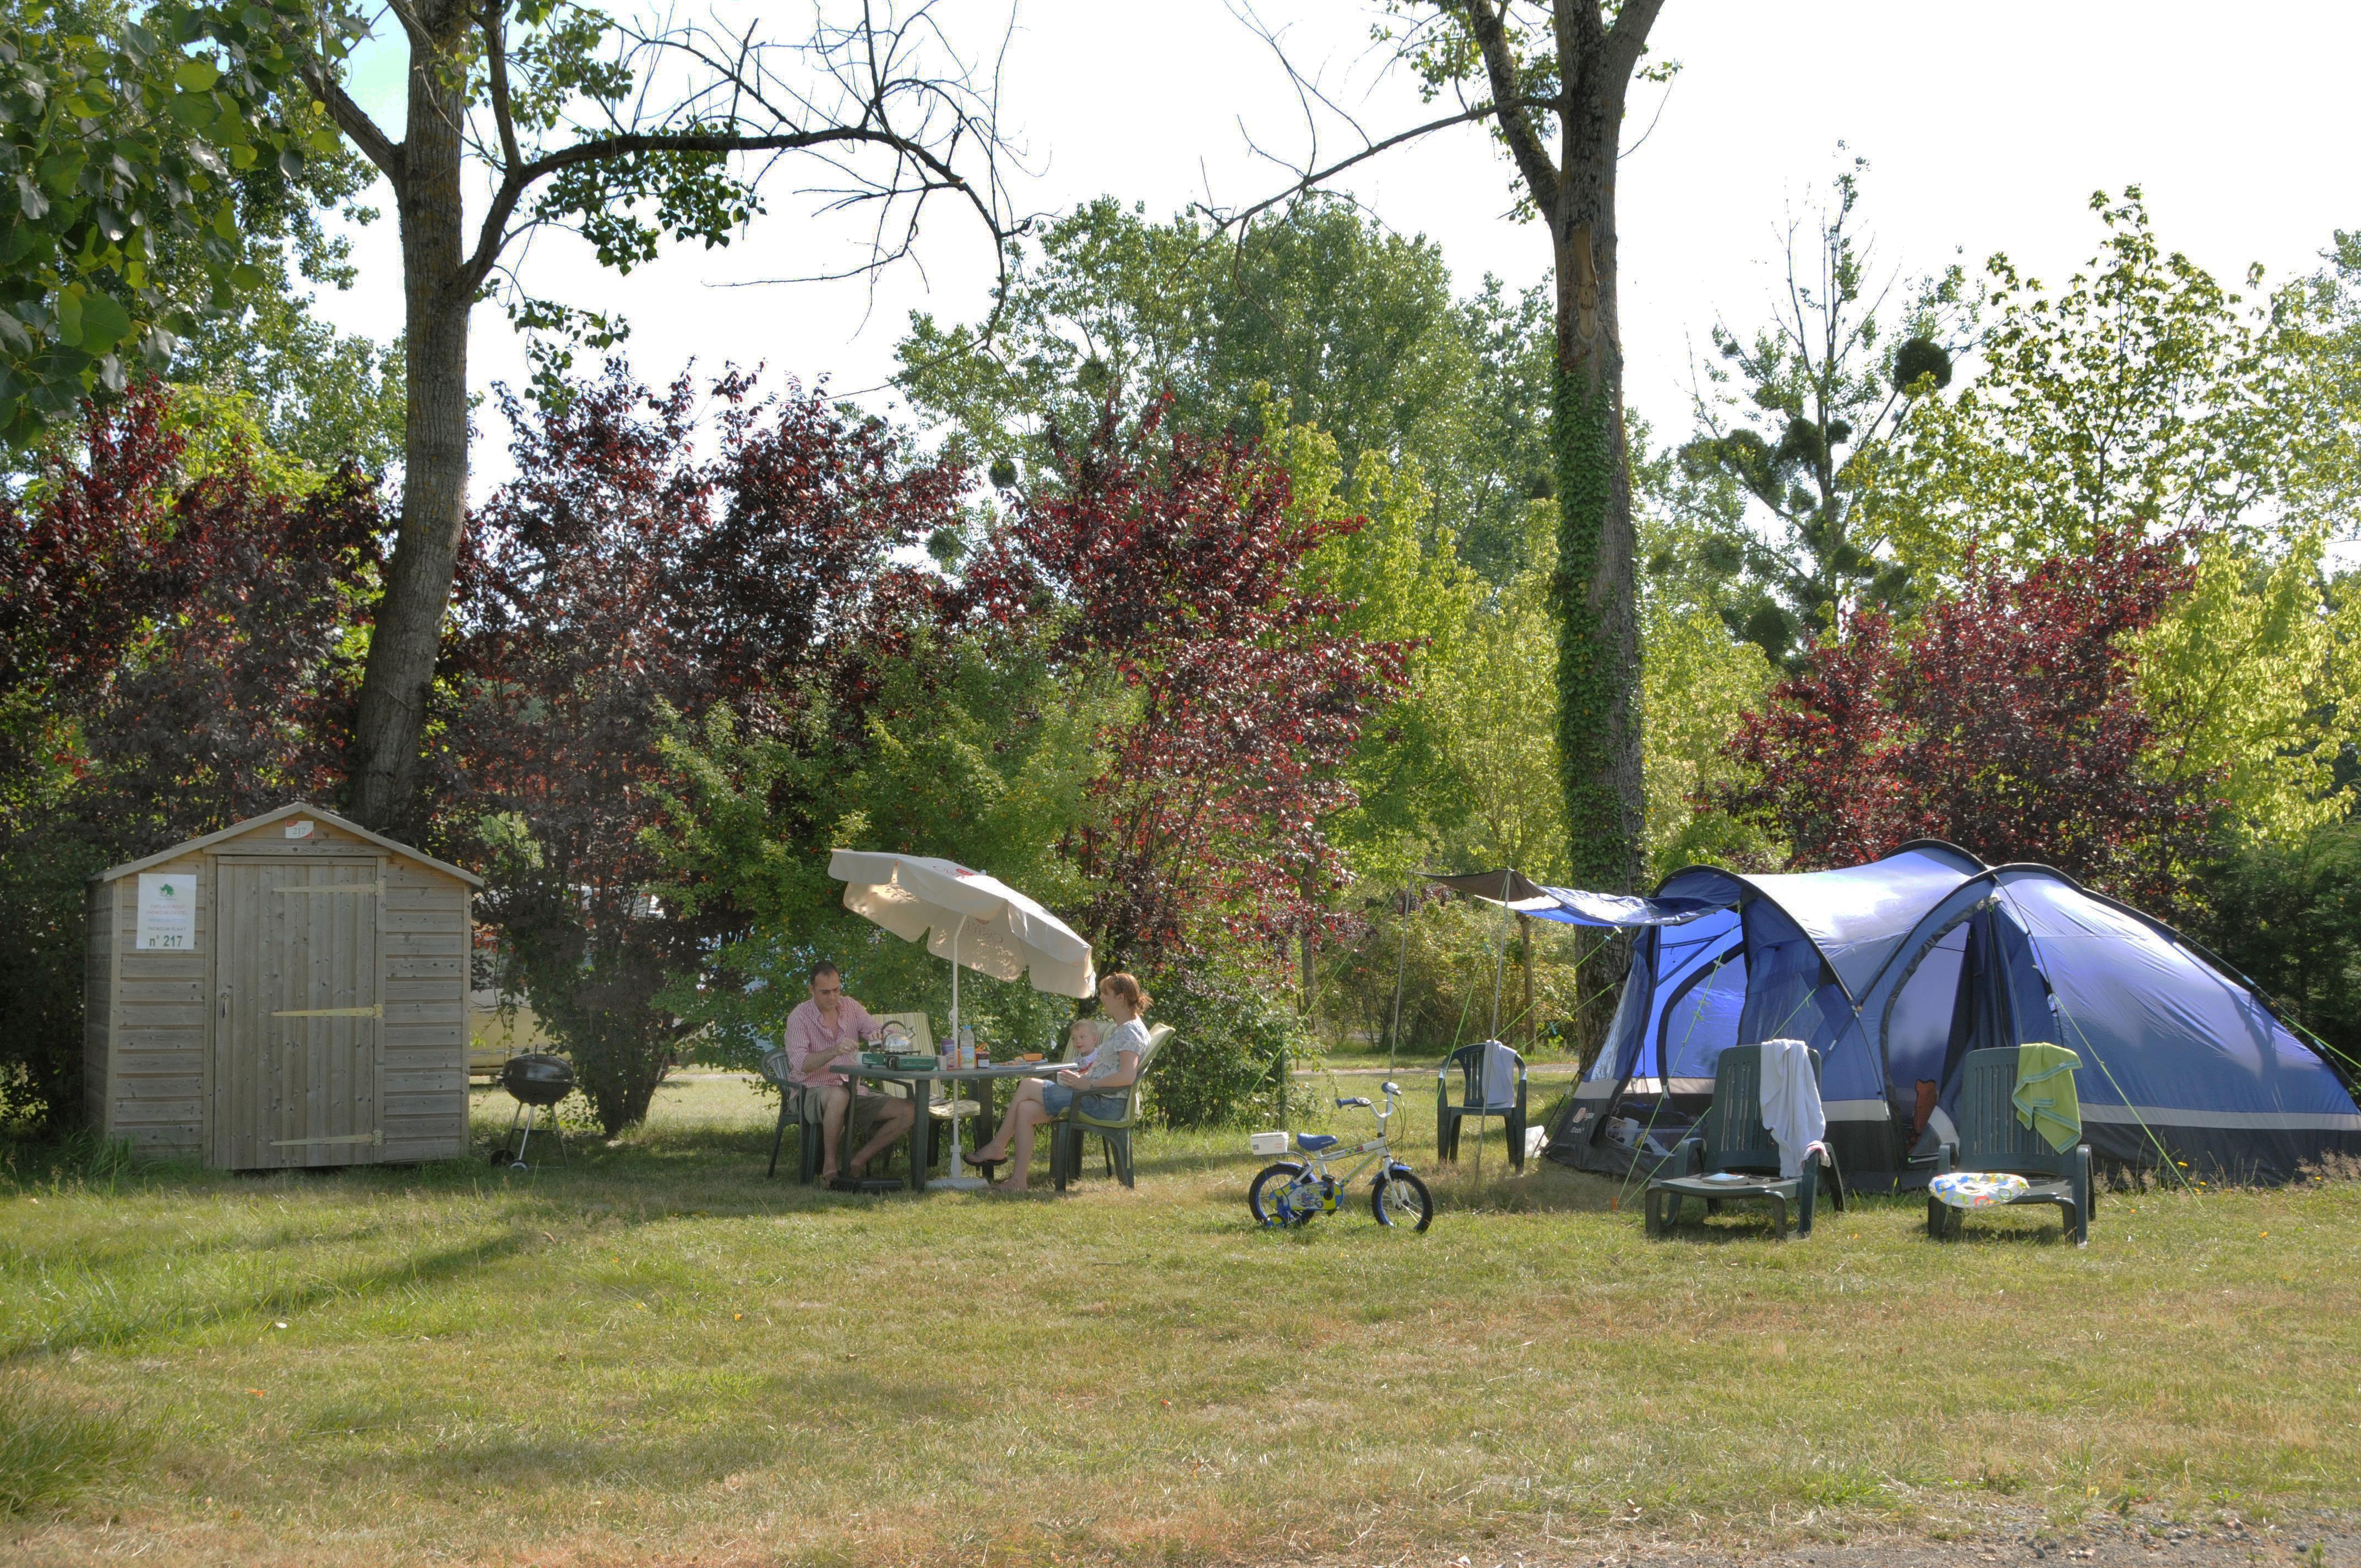 Emplacement - Emplacement Castels Premium - Electricité 10A - Eau - Evacuation - - Camping Castel Parc de Fierbois